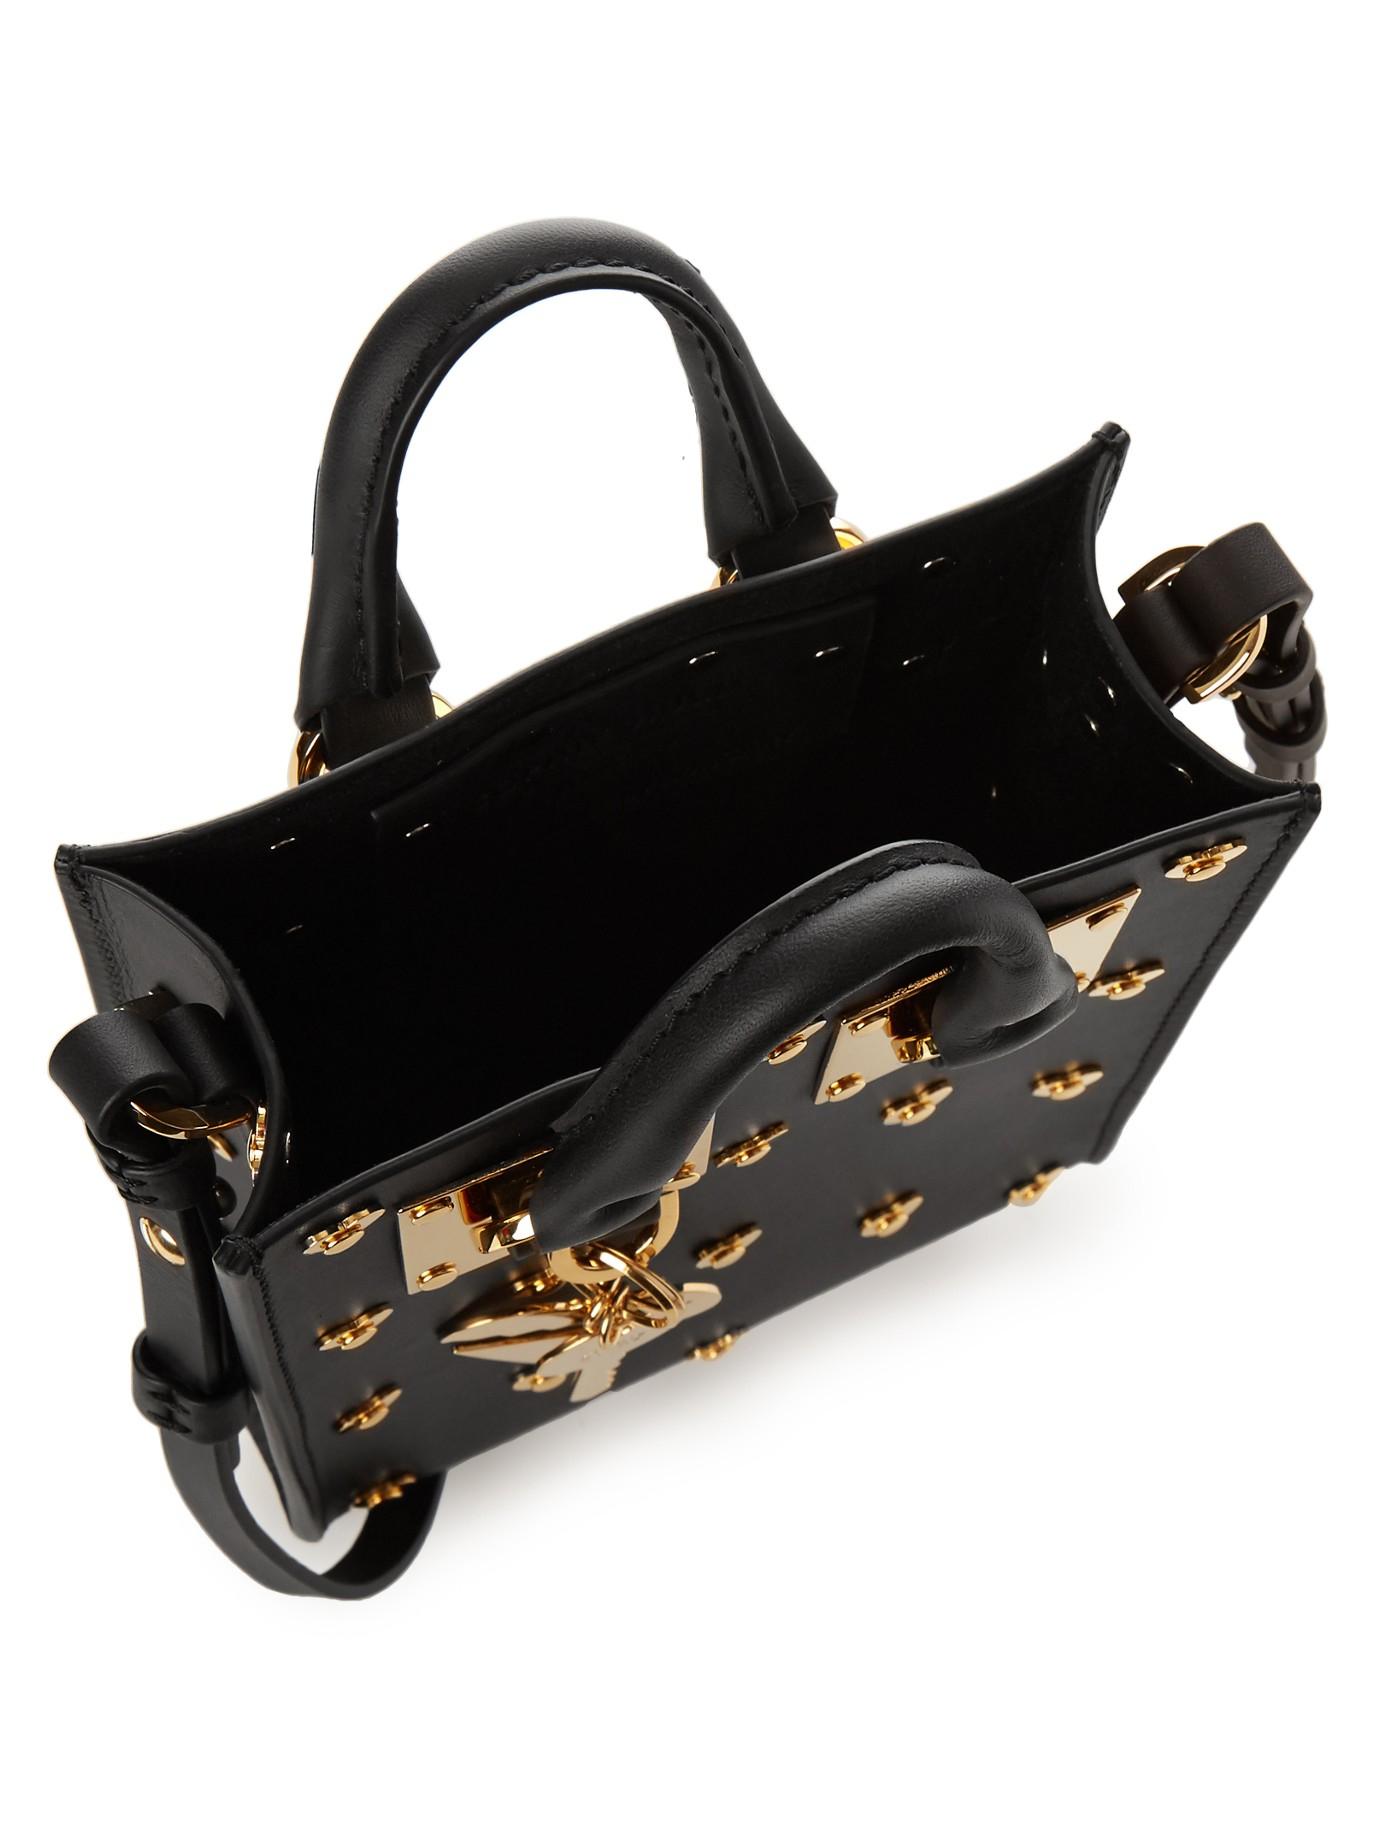 Sophie Hulme Box Albion Leather Shoulder Bag in Black Gold (Black)